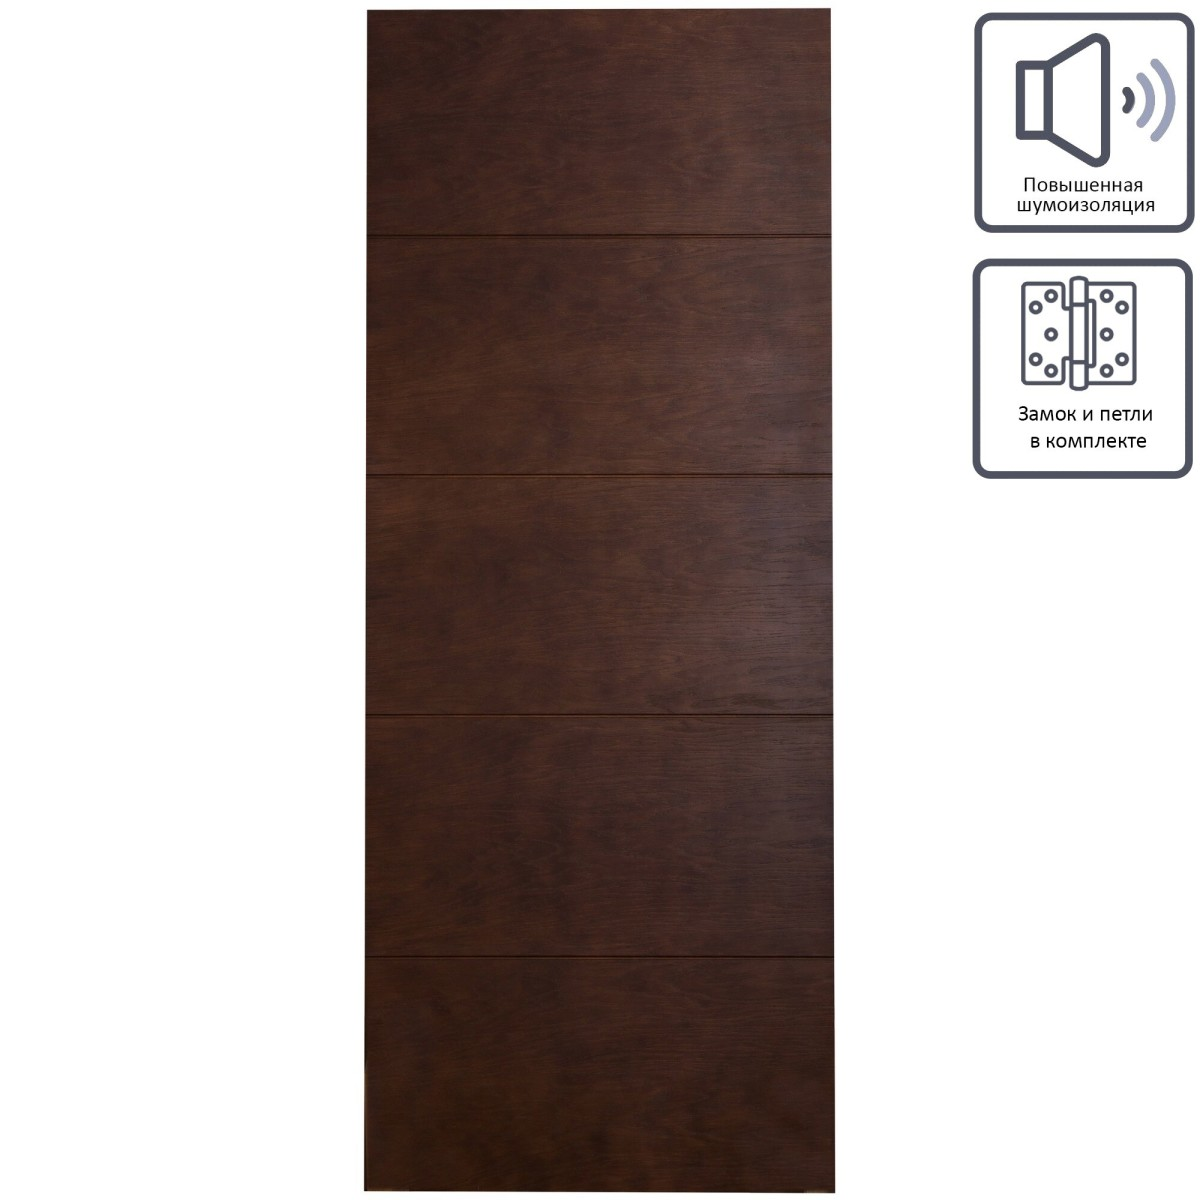 Дверь межкомнатная глухая шпон Антик 80x200 см цвет дуб антик